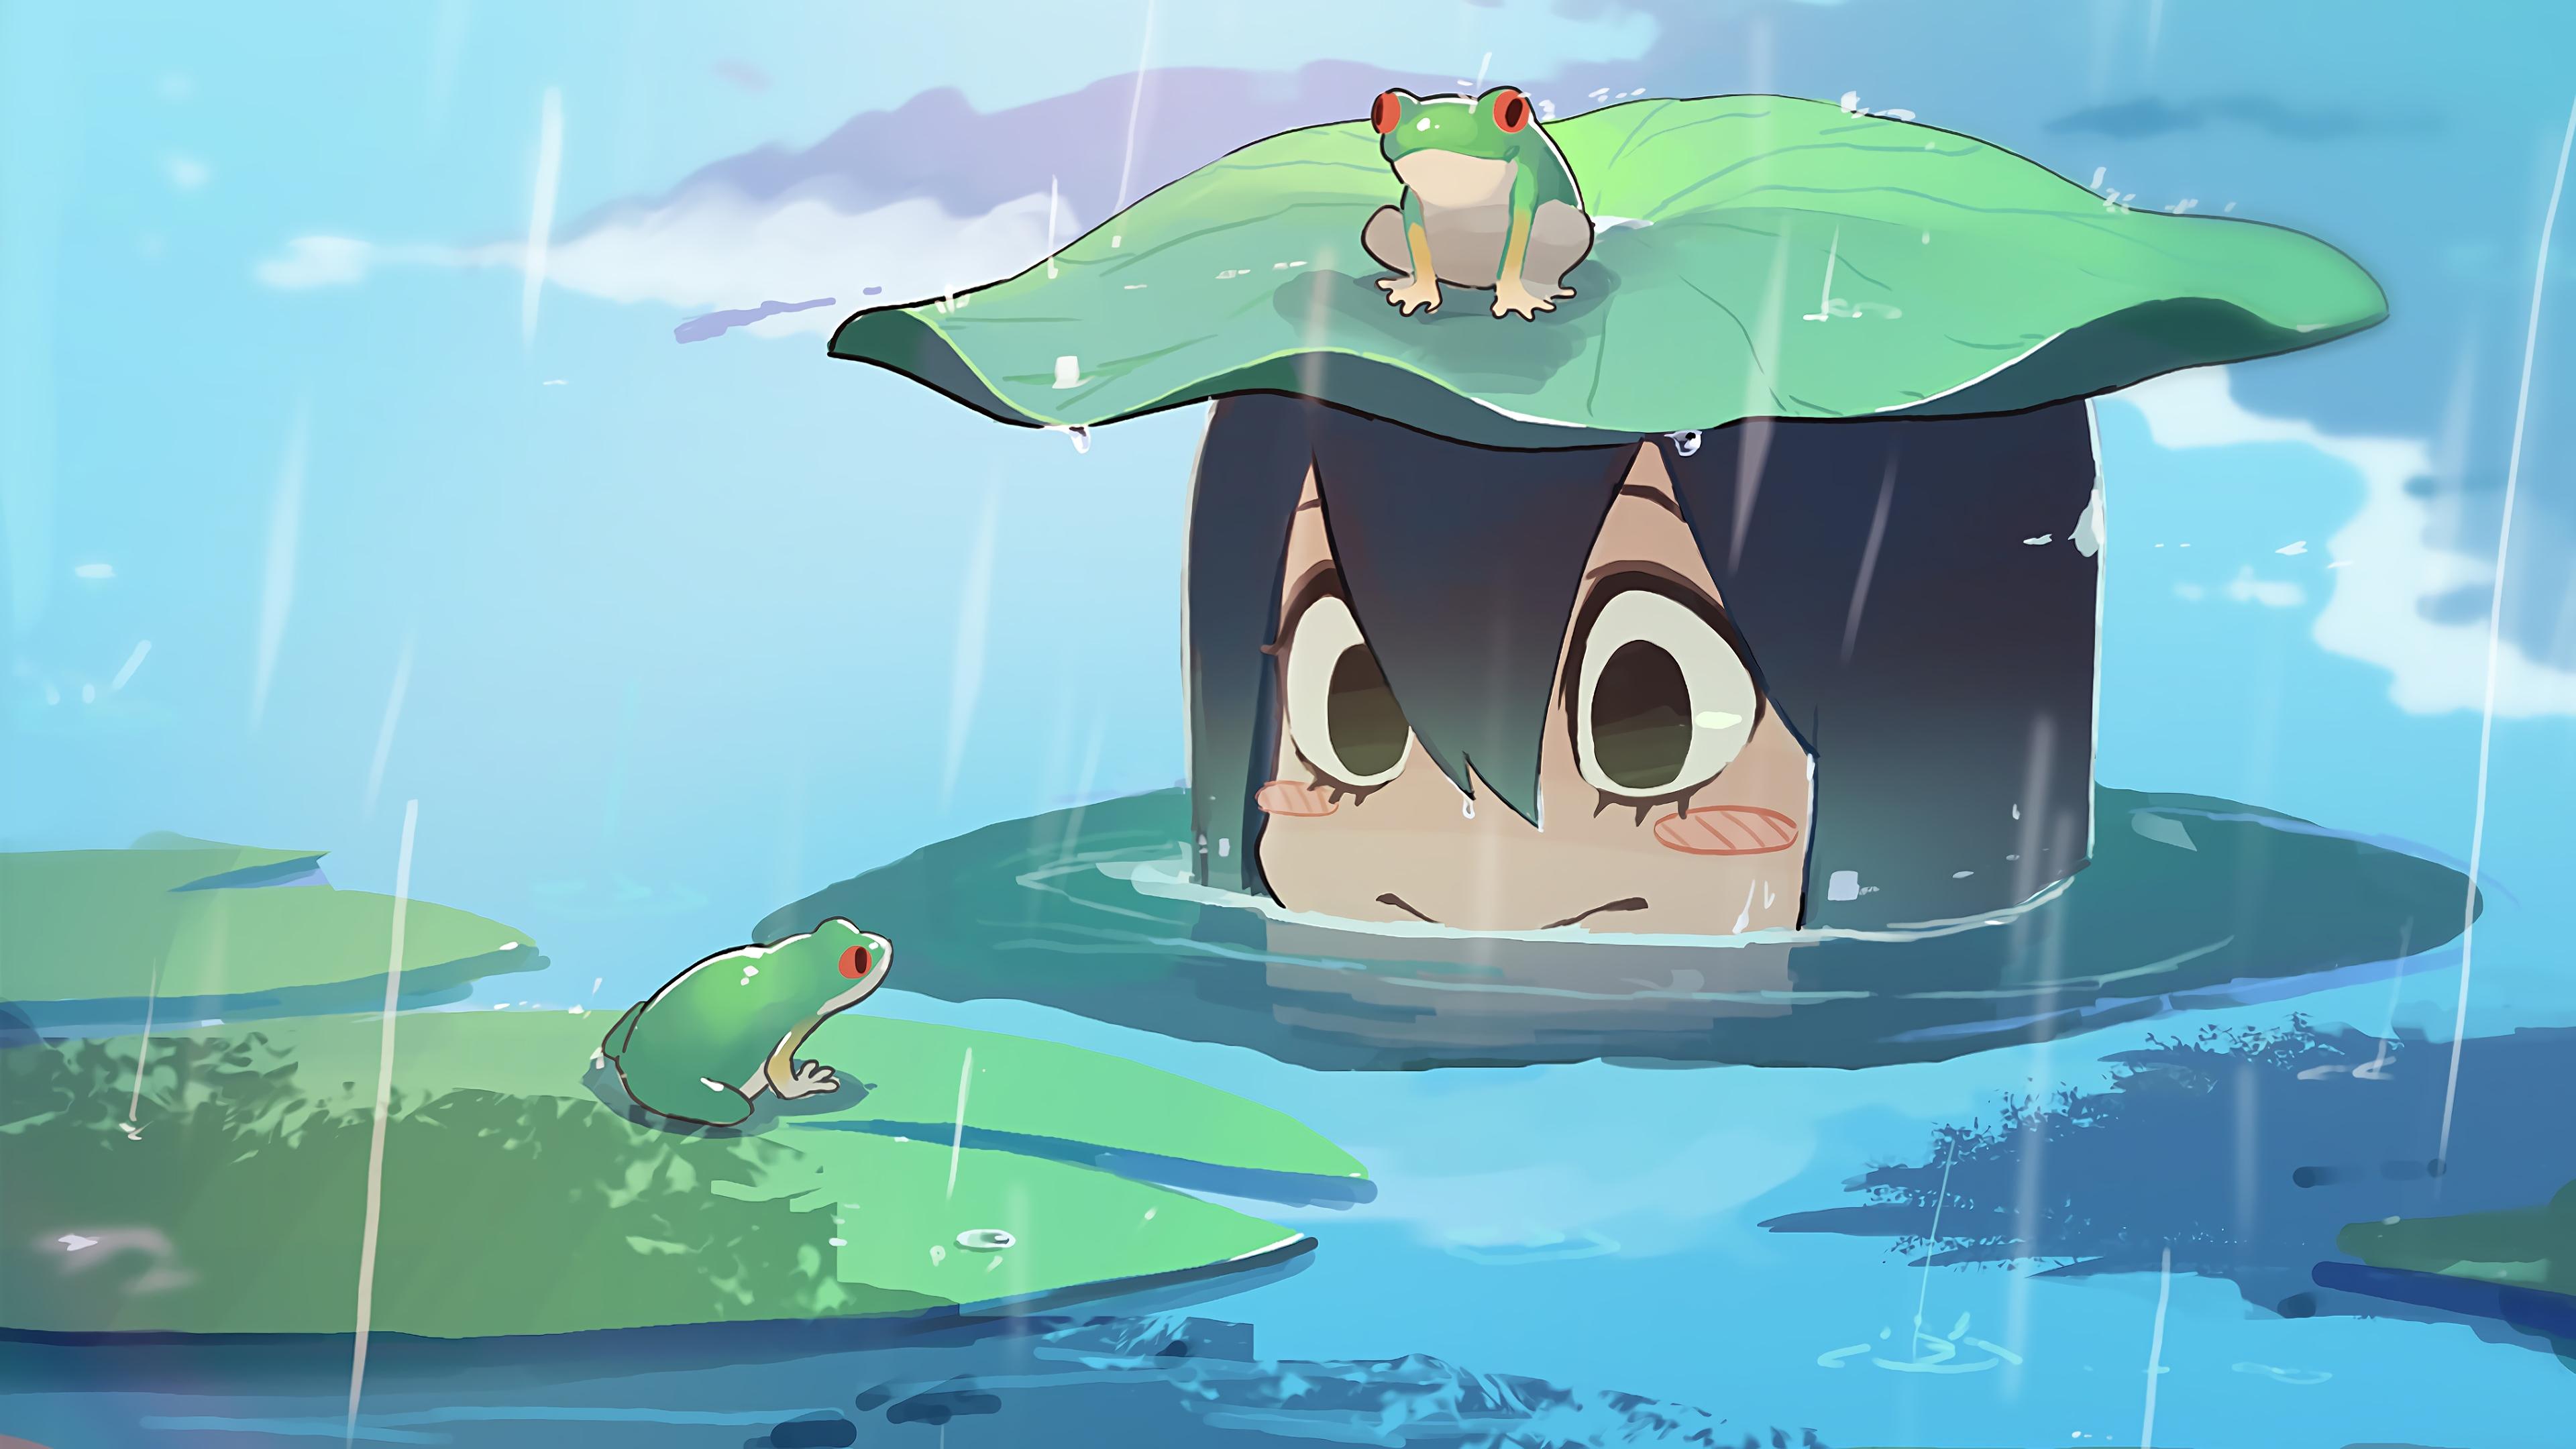 Boku no Hero background 6